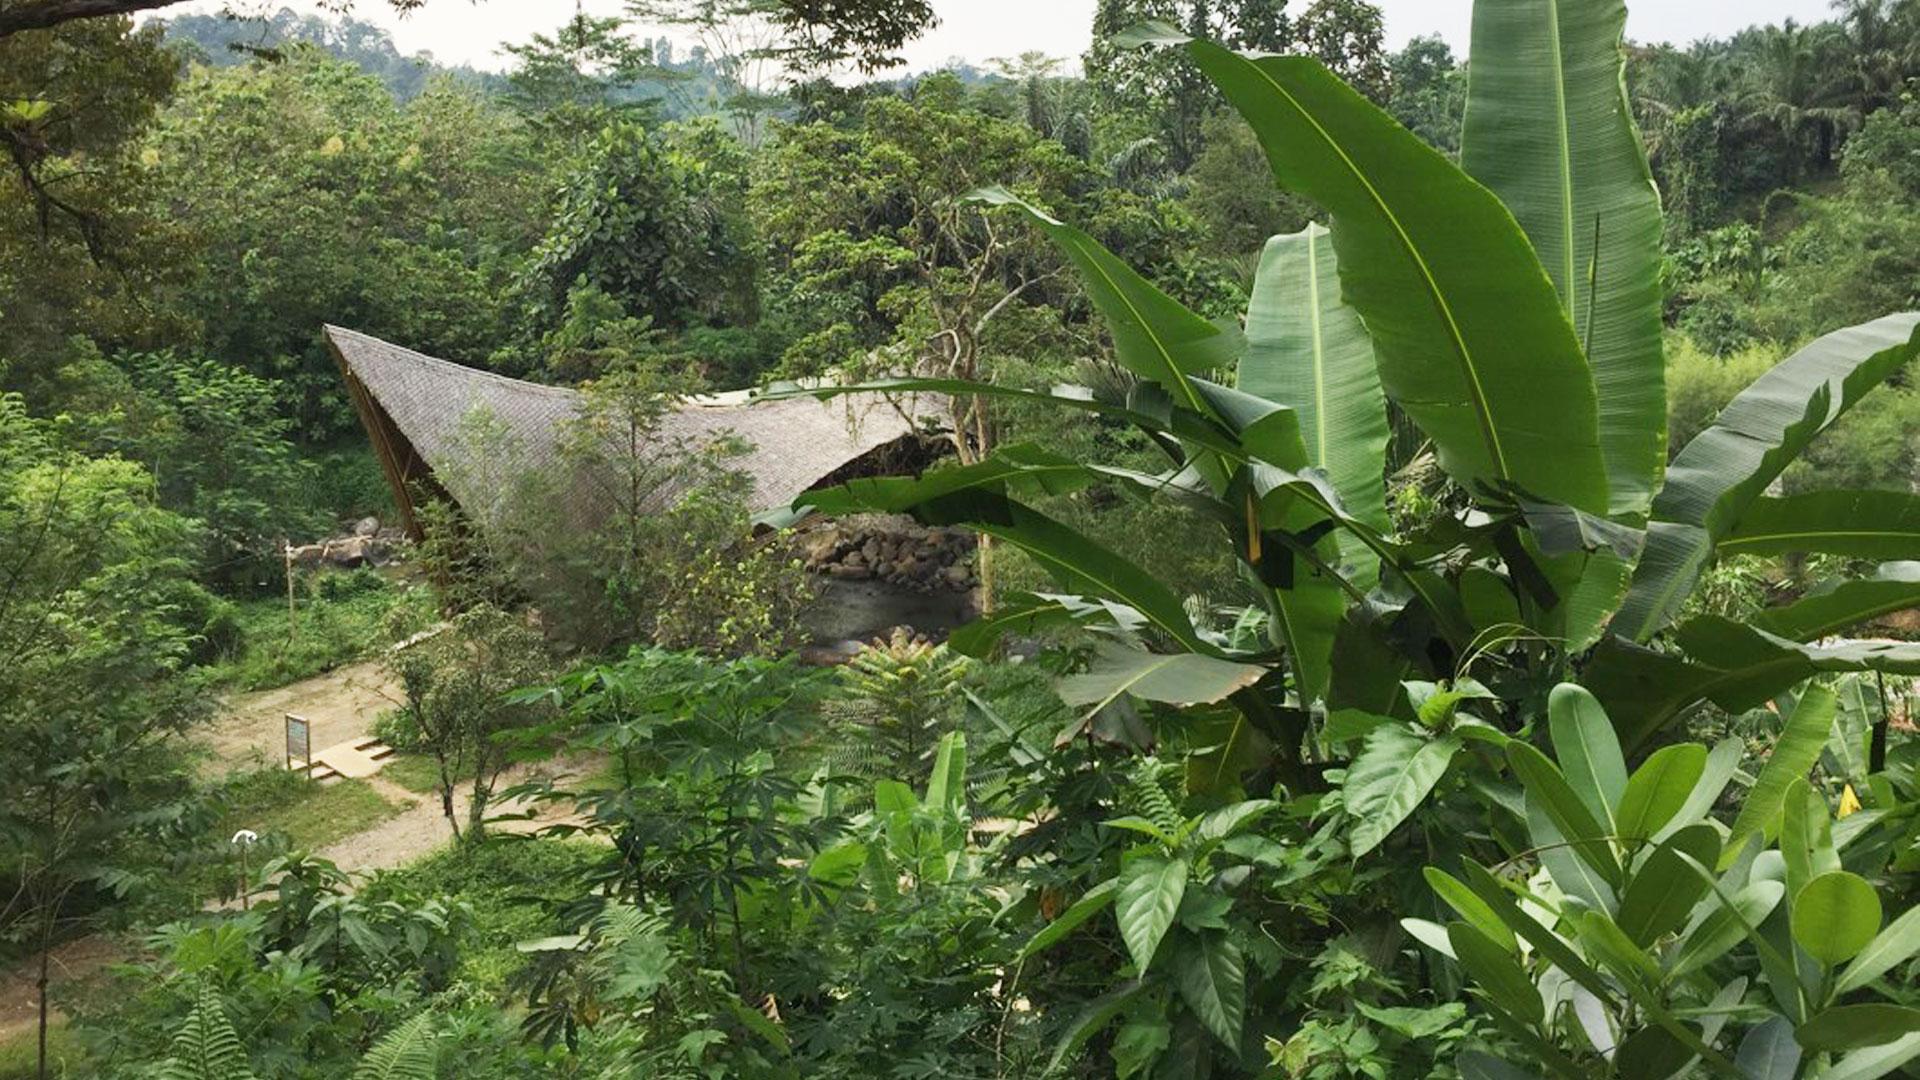 https://rfacdn.nz/zoo/assets/media/volunteers-in-sumatra-gallery-6.jpg